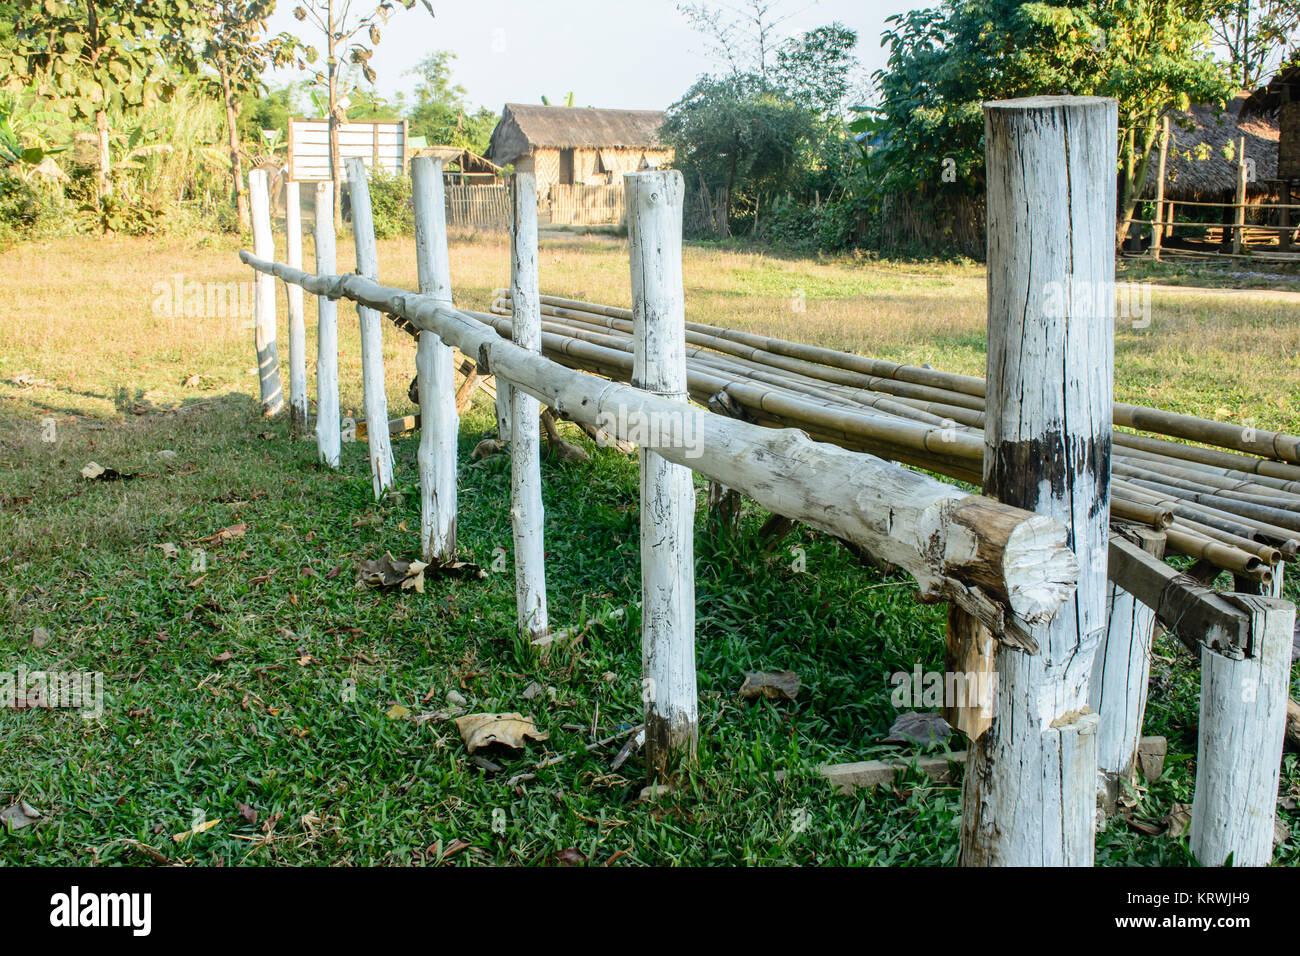 Foto Von Zaun Der Mit Holz Gemacht Wird Stockfoto Bild 169593797